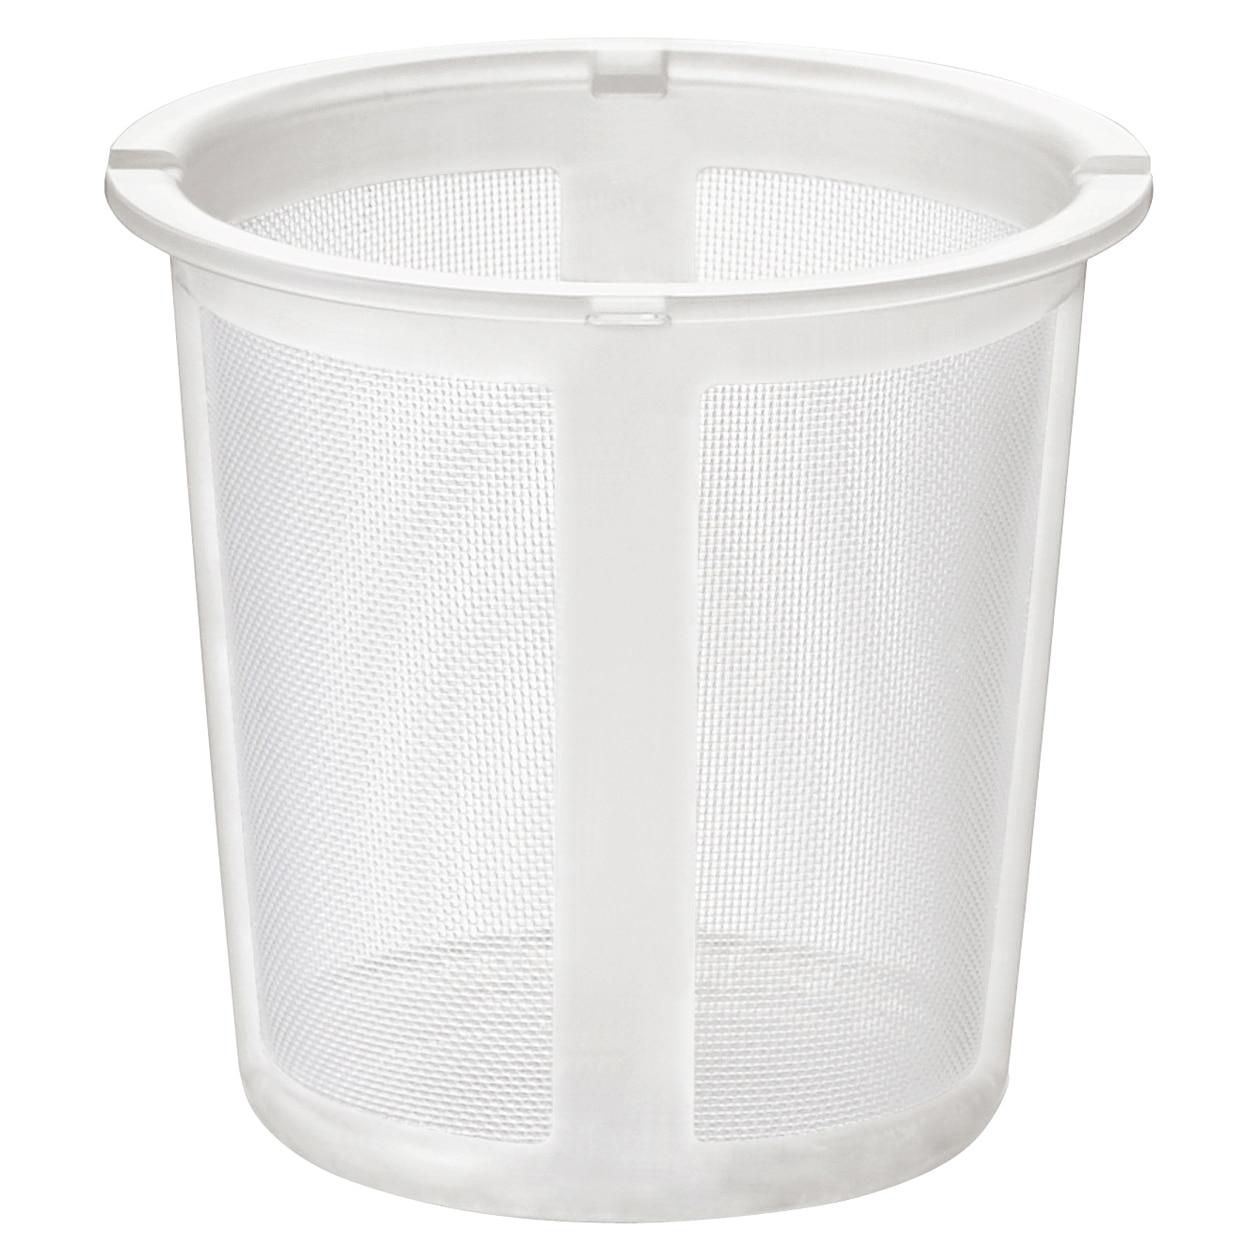 【パーツ】耐熱ガラスポット・マグ用 プラスチックストレーナー 約直径8.5×高さ8cm | 無印良品ネットストア